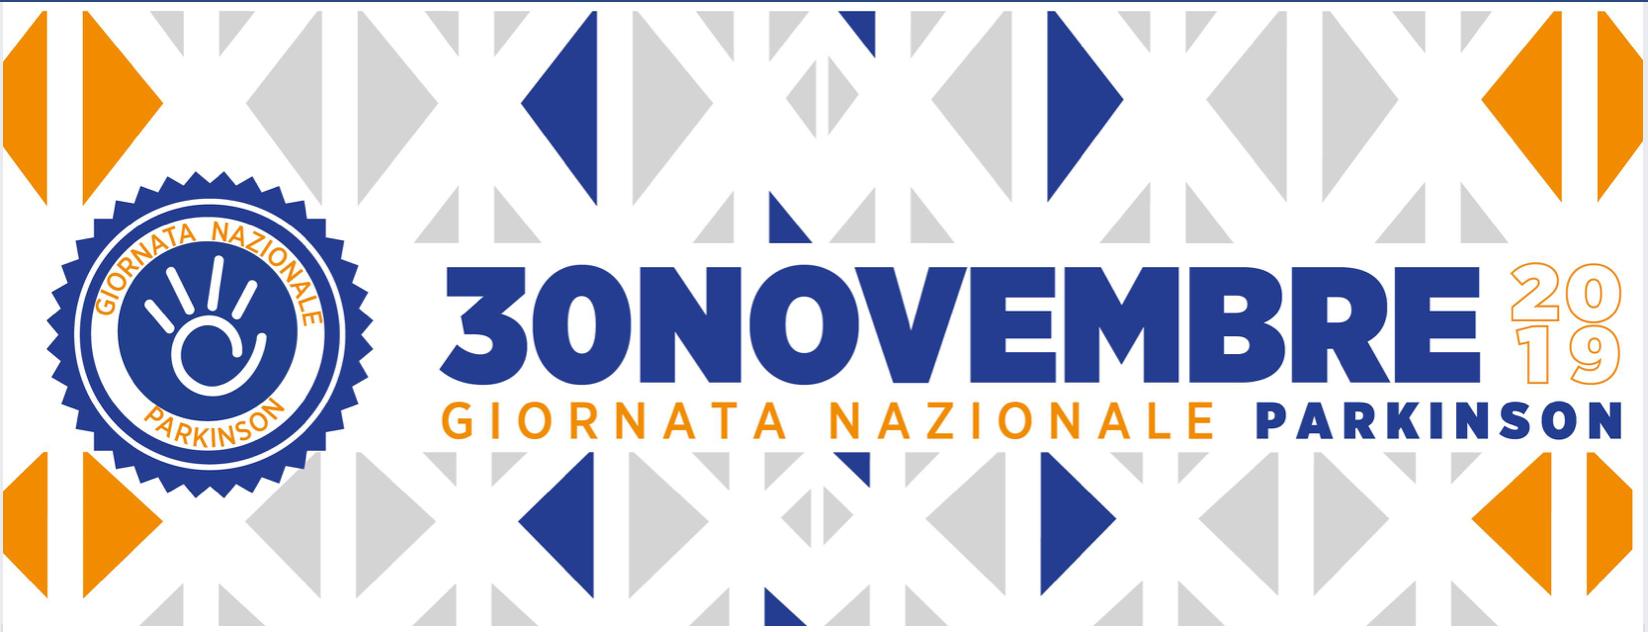 LIMPE_Giornata Nazionale Parkinson 2019 a Pisa_Ospedale Santa Chiara (AOUP)_sabato 30 novembre